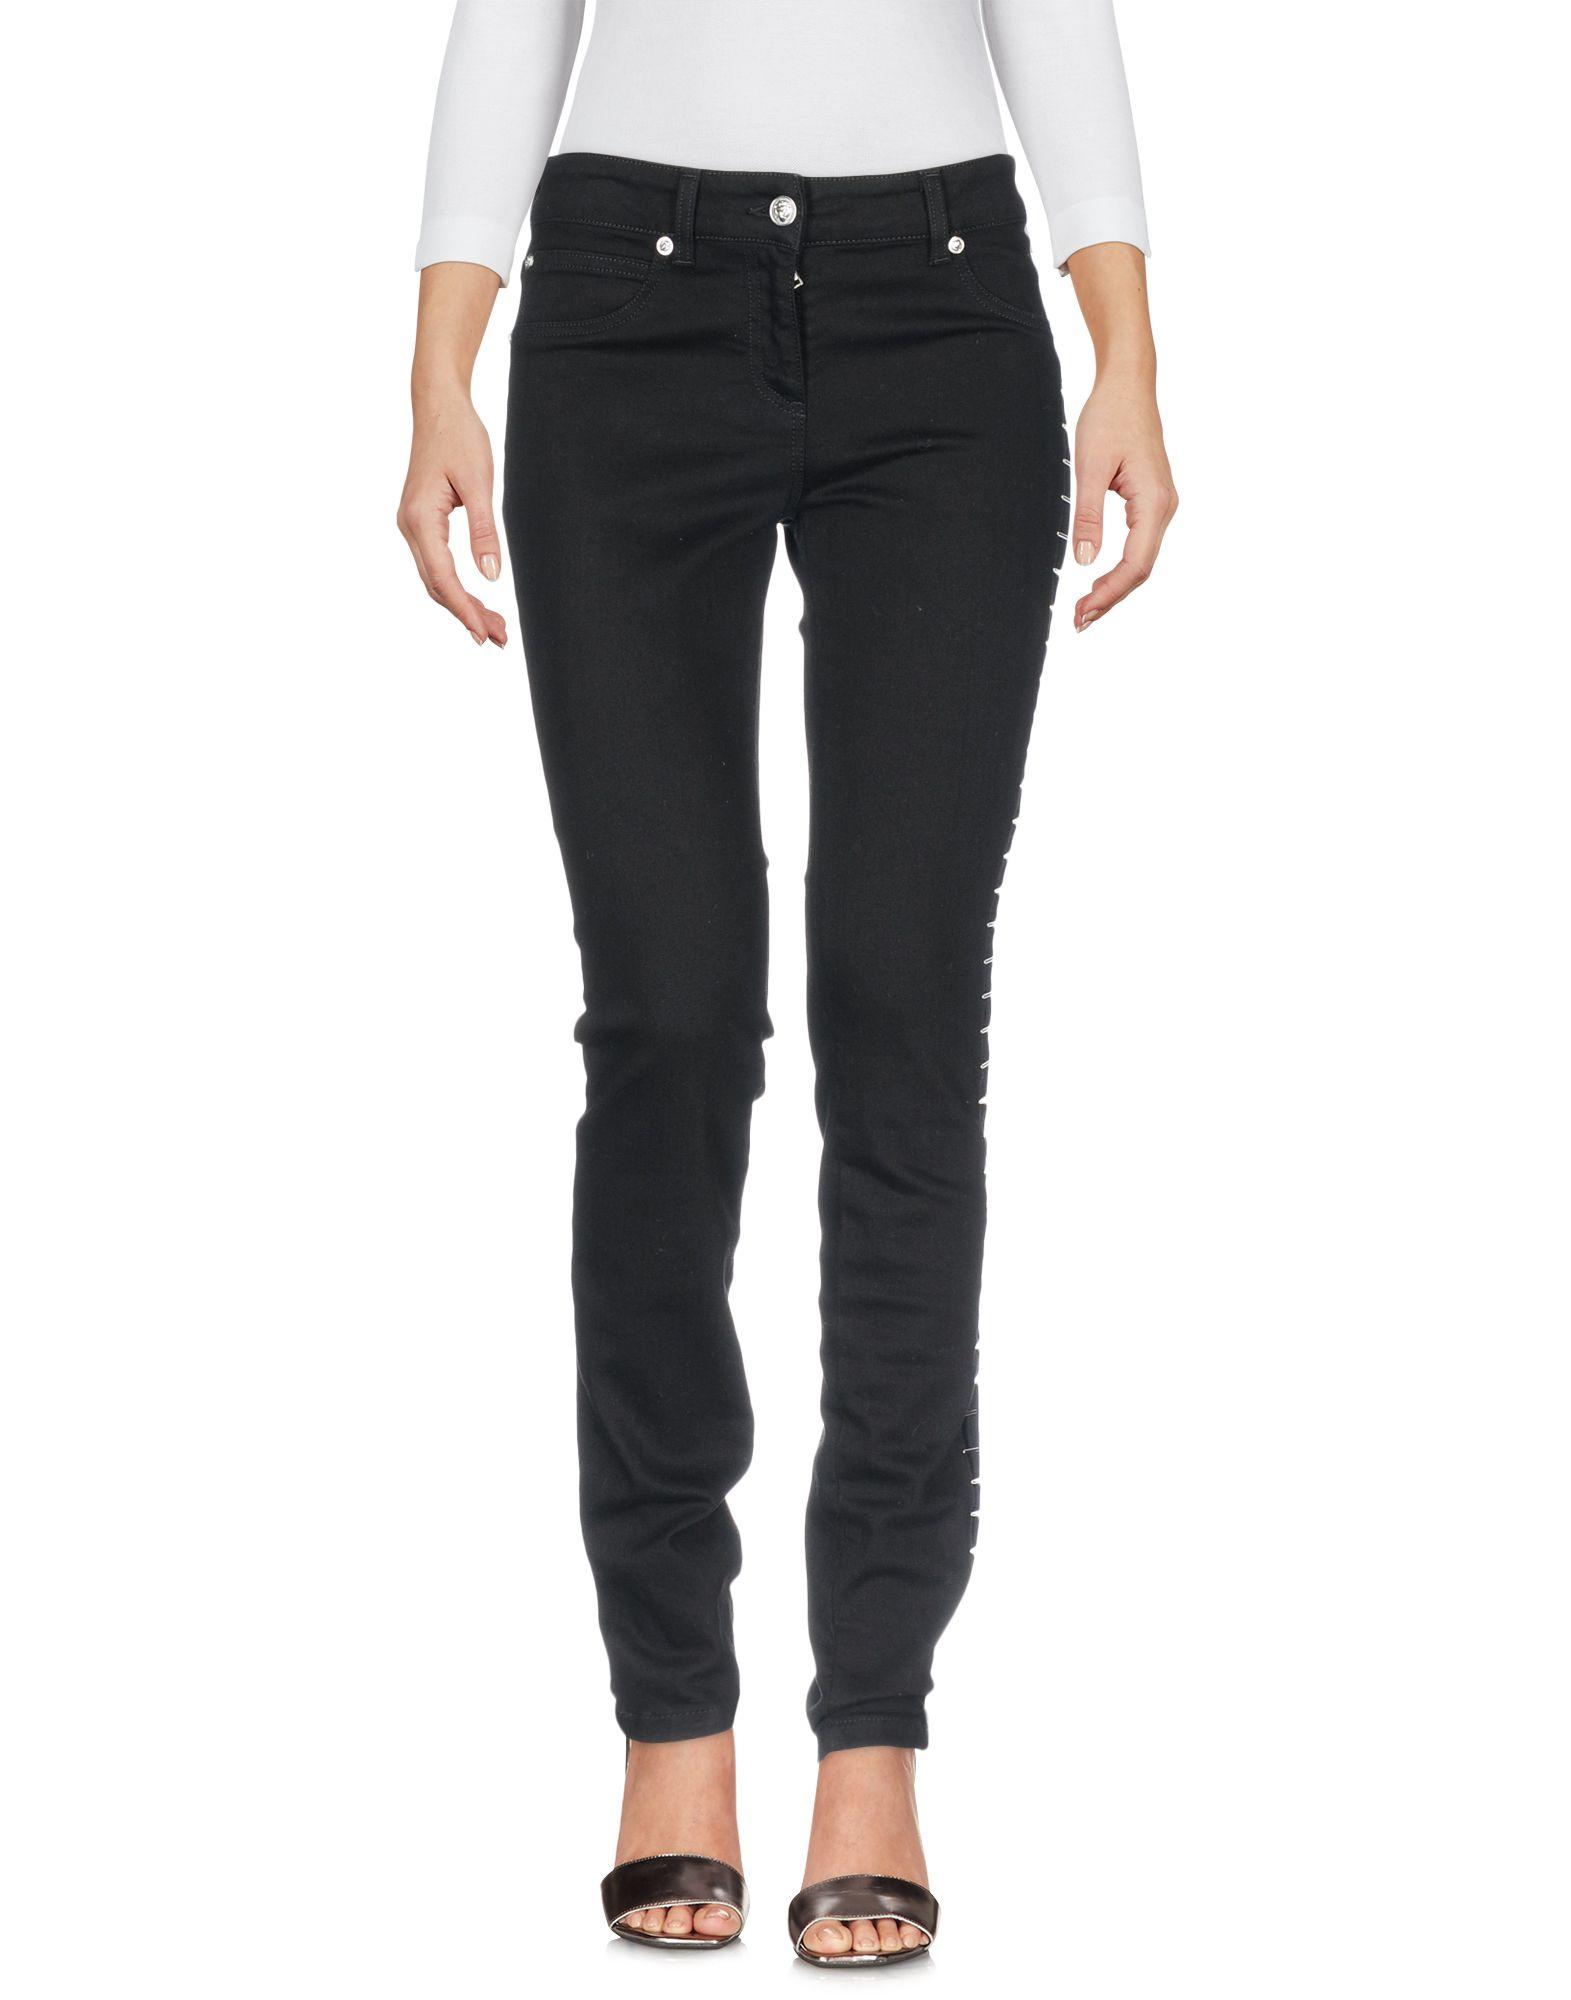 VERSUS VERSACE Damen Jeanshose Farbe Schwarz Größe 5